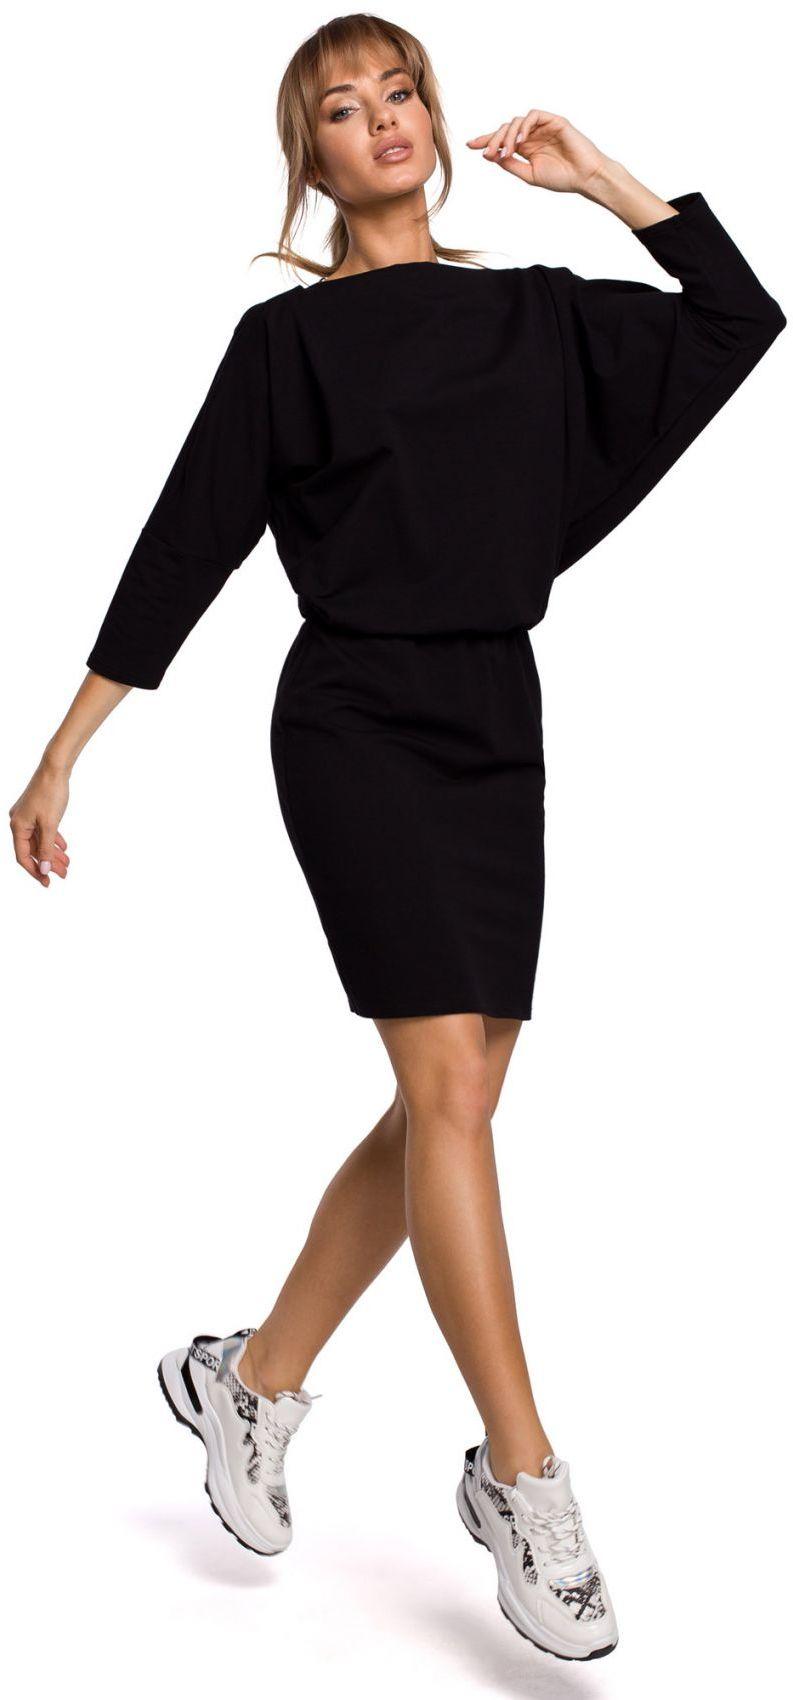 M495 Sukienka mini z lampasem do regulacji z tyłu - czarna